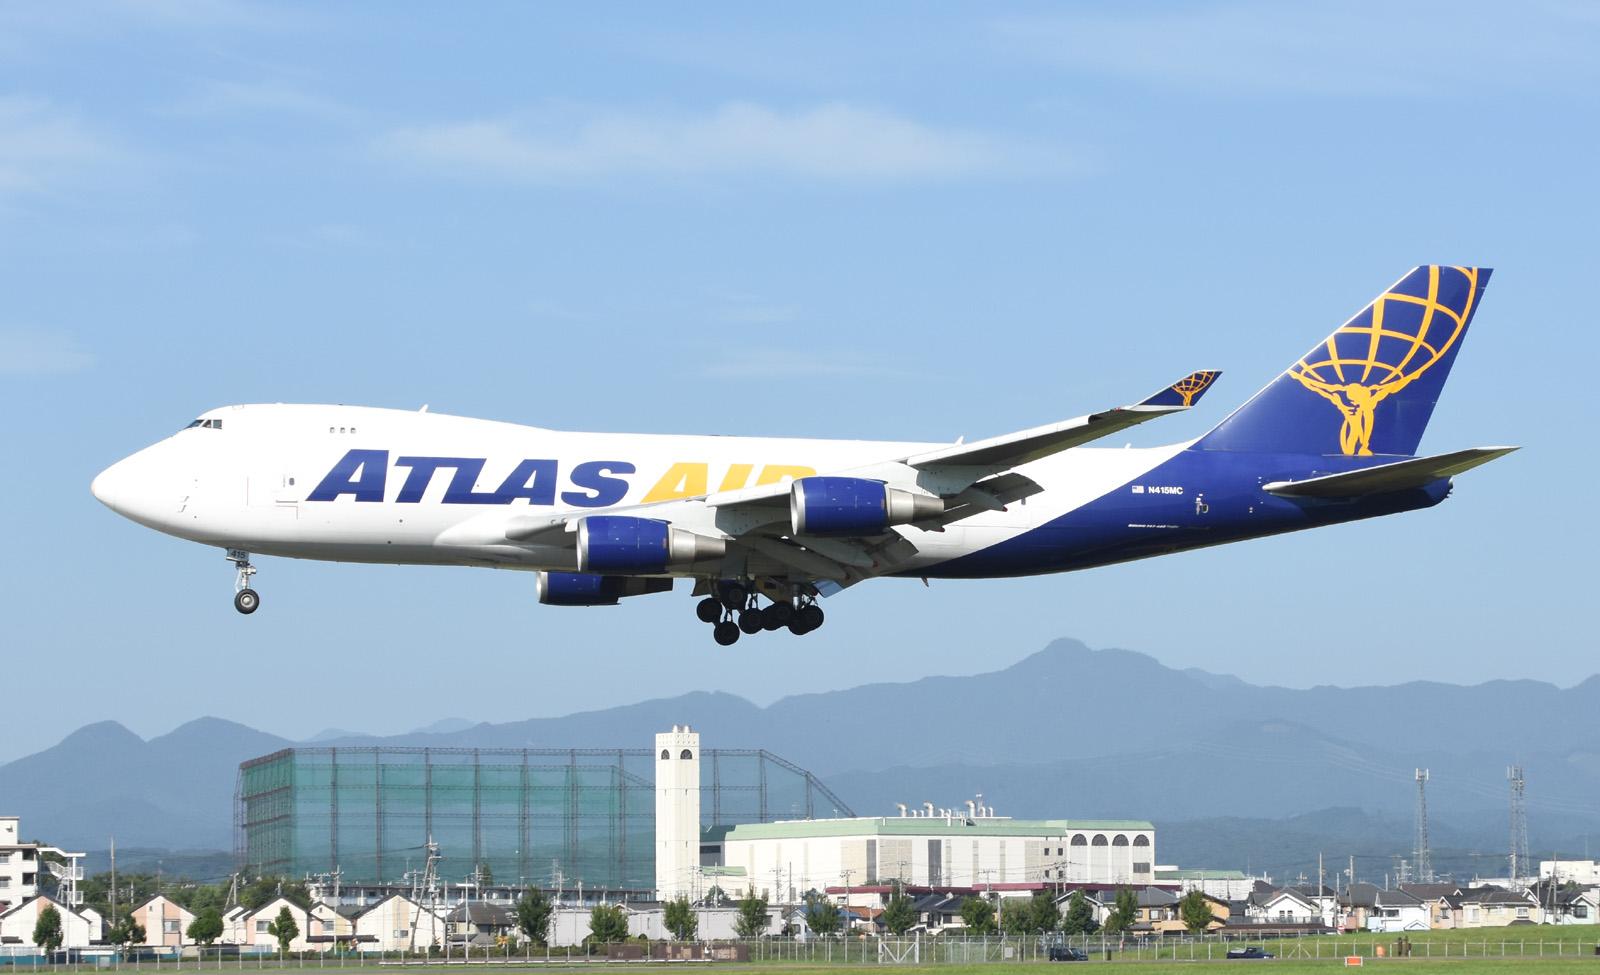 Atlas160901g481